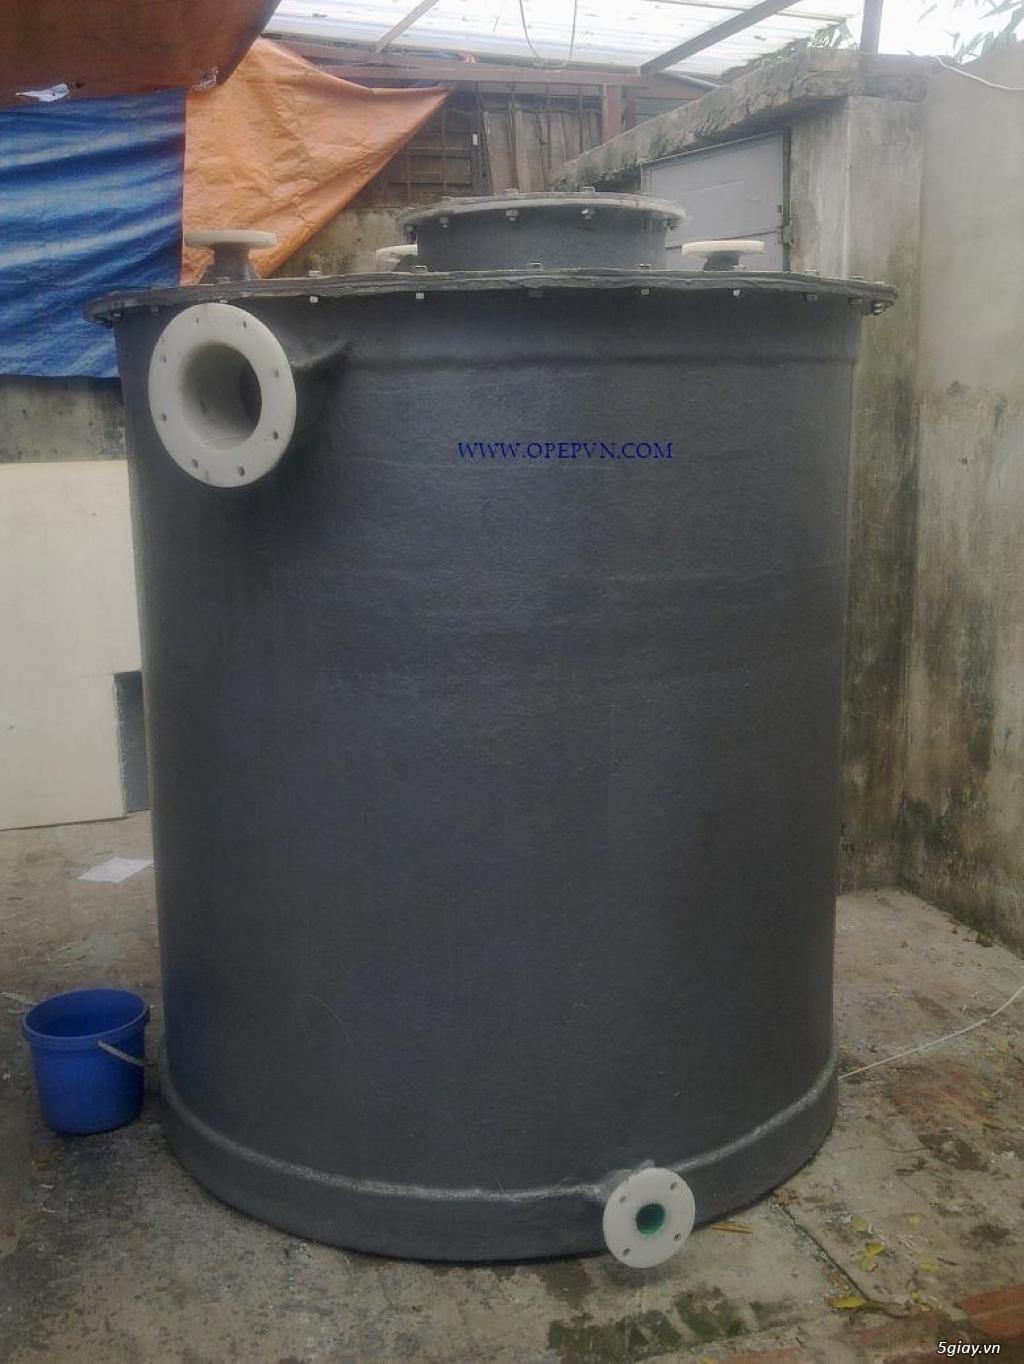 Tháp hấp thụ khí thải bằng nhựa PP PE FRPcompositte - 6